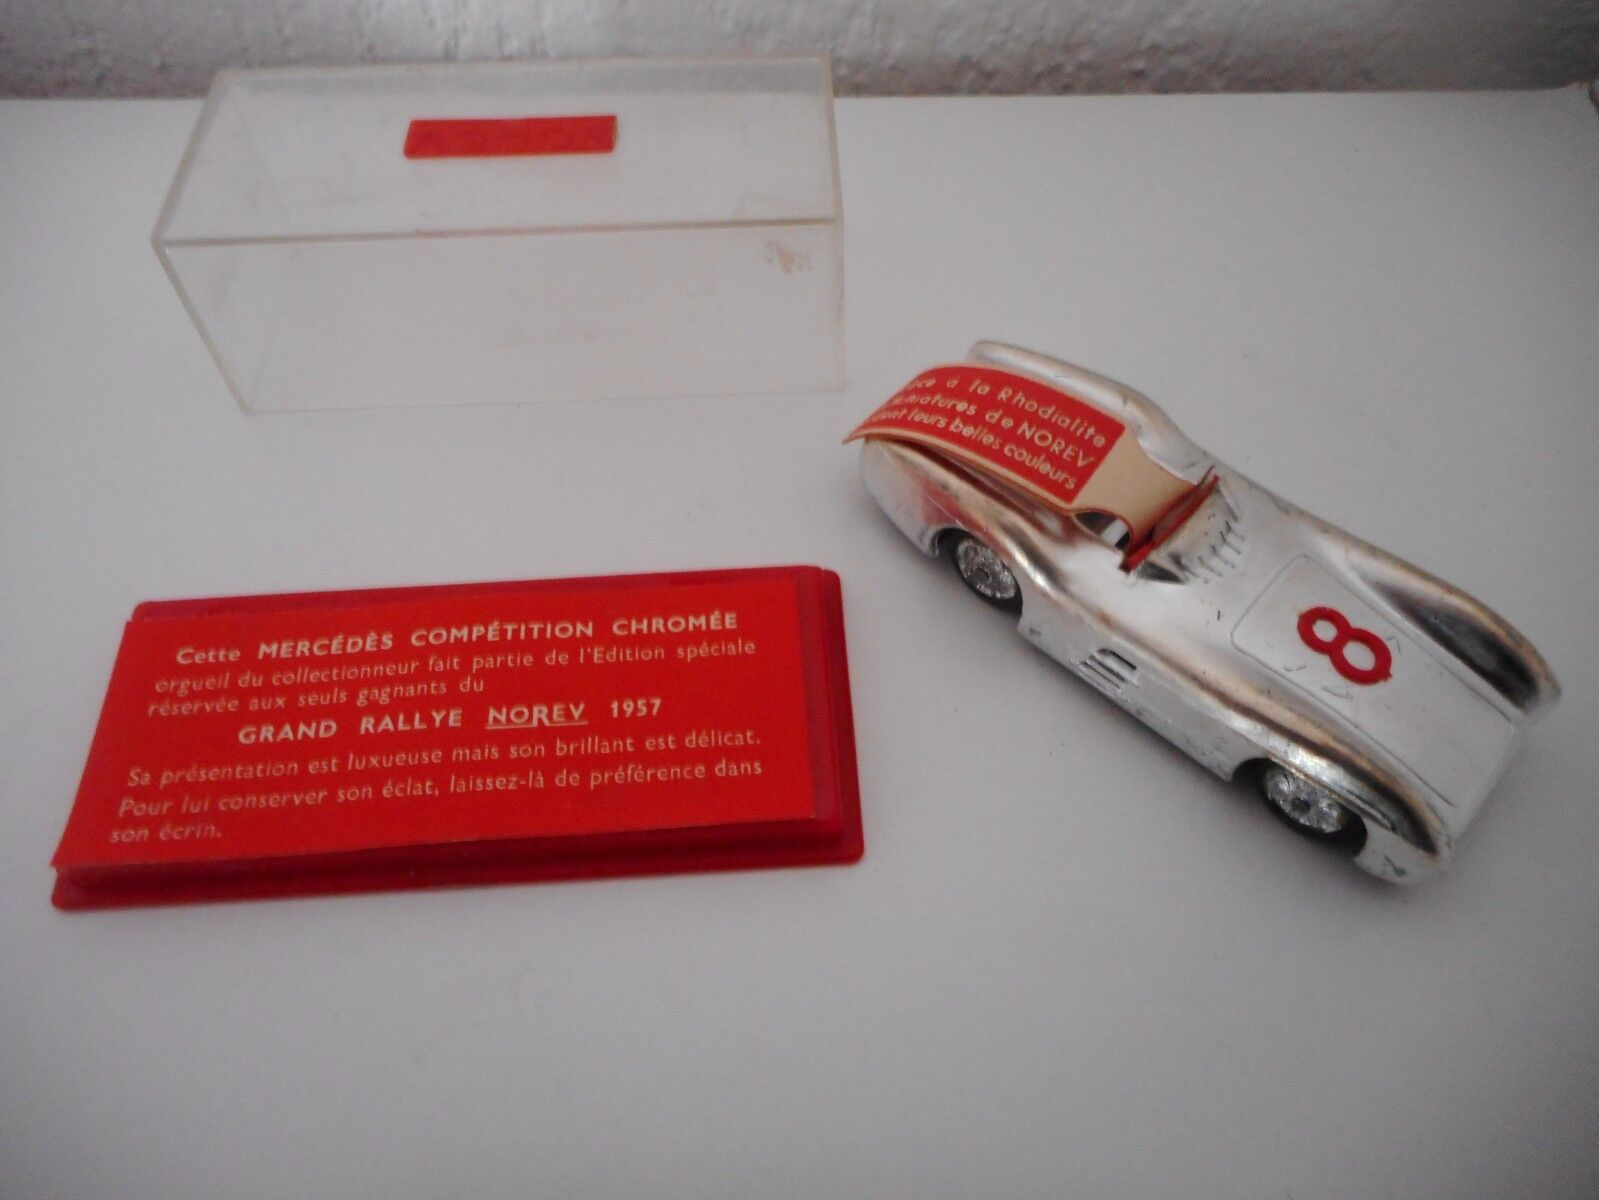 NOREV  mercedes offerte aux gagnants du RALLYE 1957 avec boite et étiquette